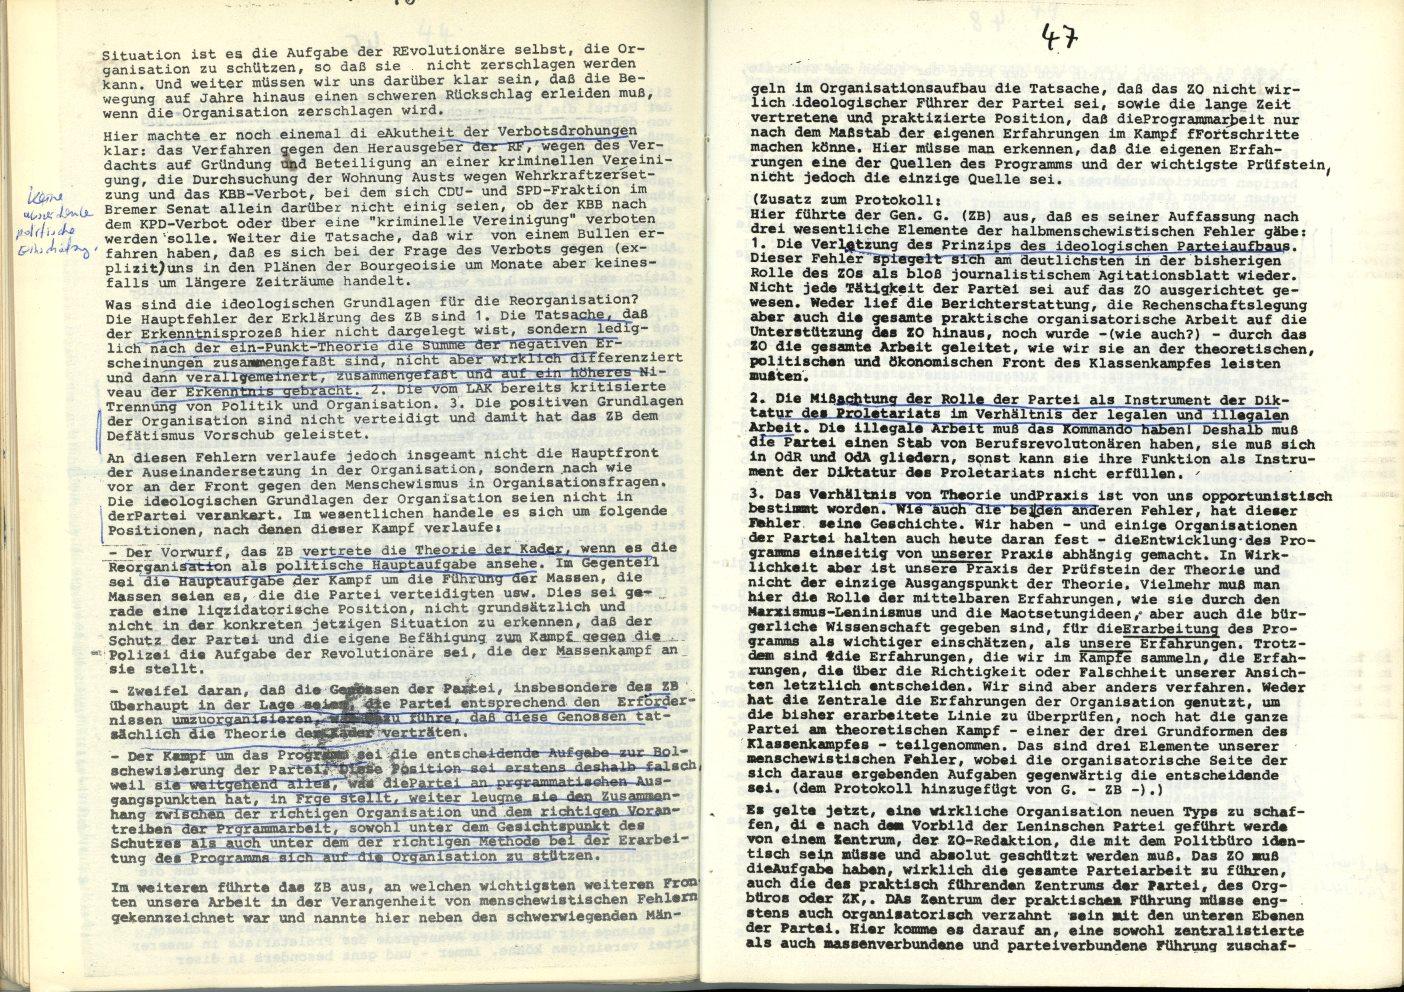 ZB_1972_Diskussionsorgan_zur_ersten_Parteikonferenz_26